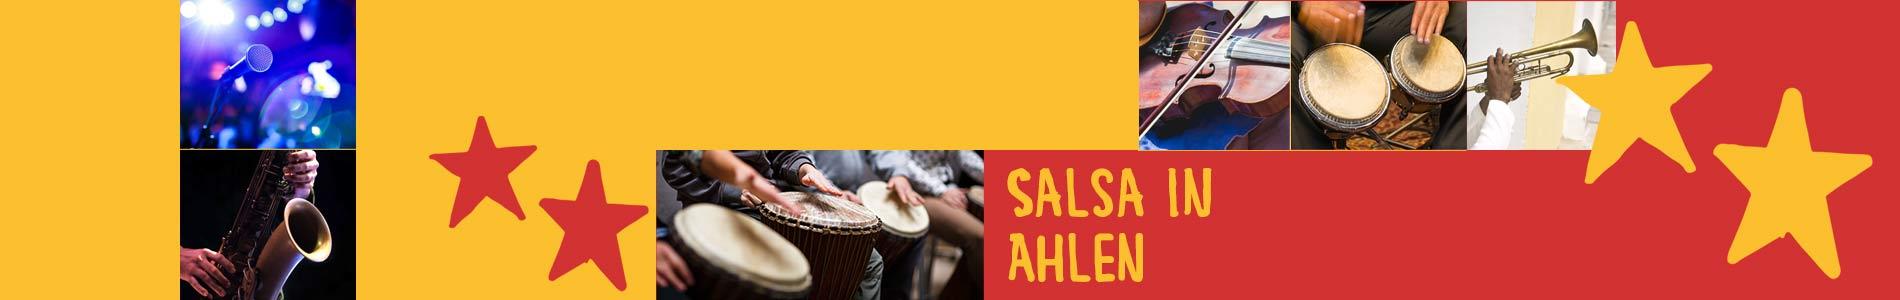 Salsa in Ahlen – Salsa lernen und tanzen, Tanzkurse, Partys, Veranstaltungen